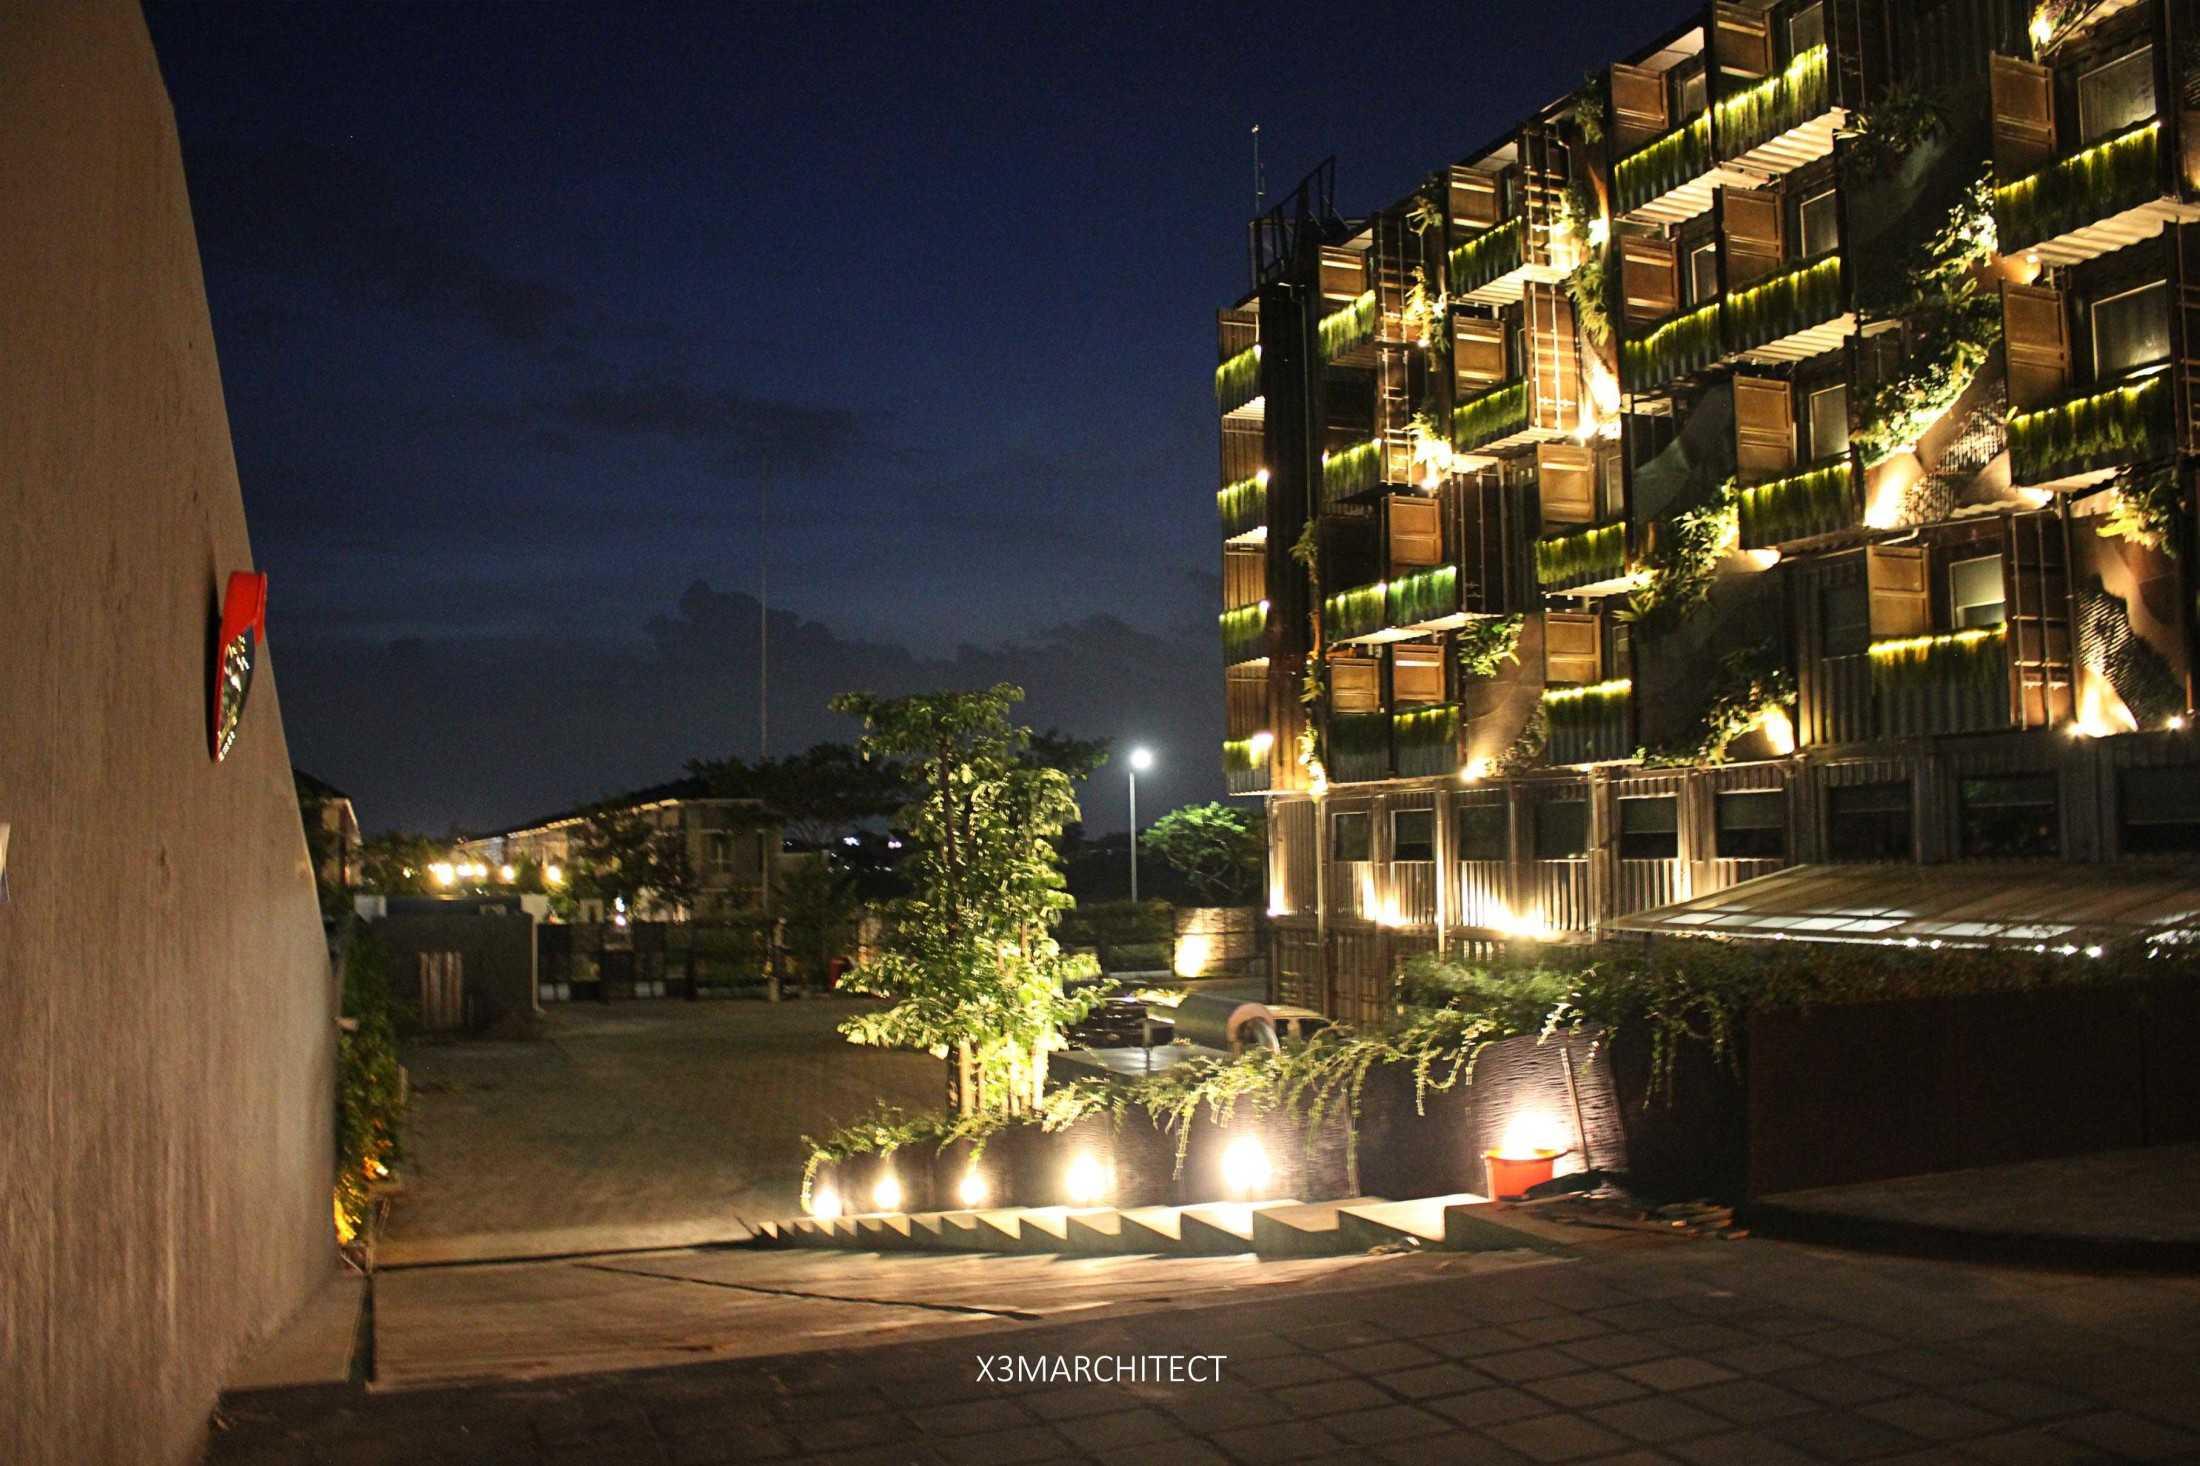 X3M Architects Qubika Hotel Medang, Kec. Pagedangan, Tangerang, Banten 15334, Indonesia Medang, Kec. Pagedangan, Tangerang, Banten 15334, Indonesia X3M-Architects-Qubika-Hotel  94830